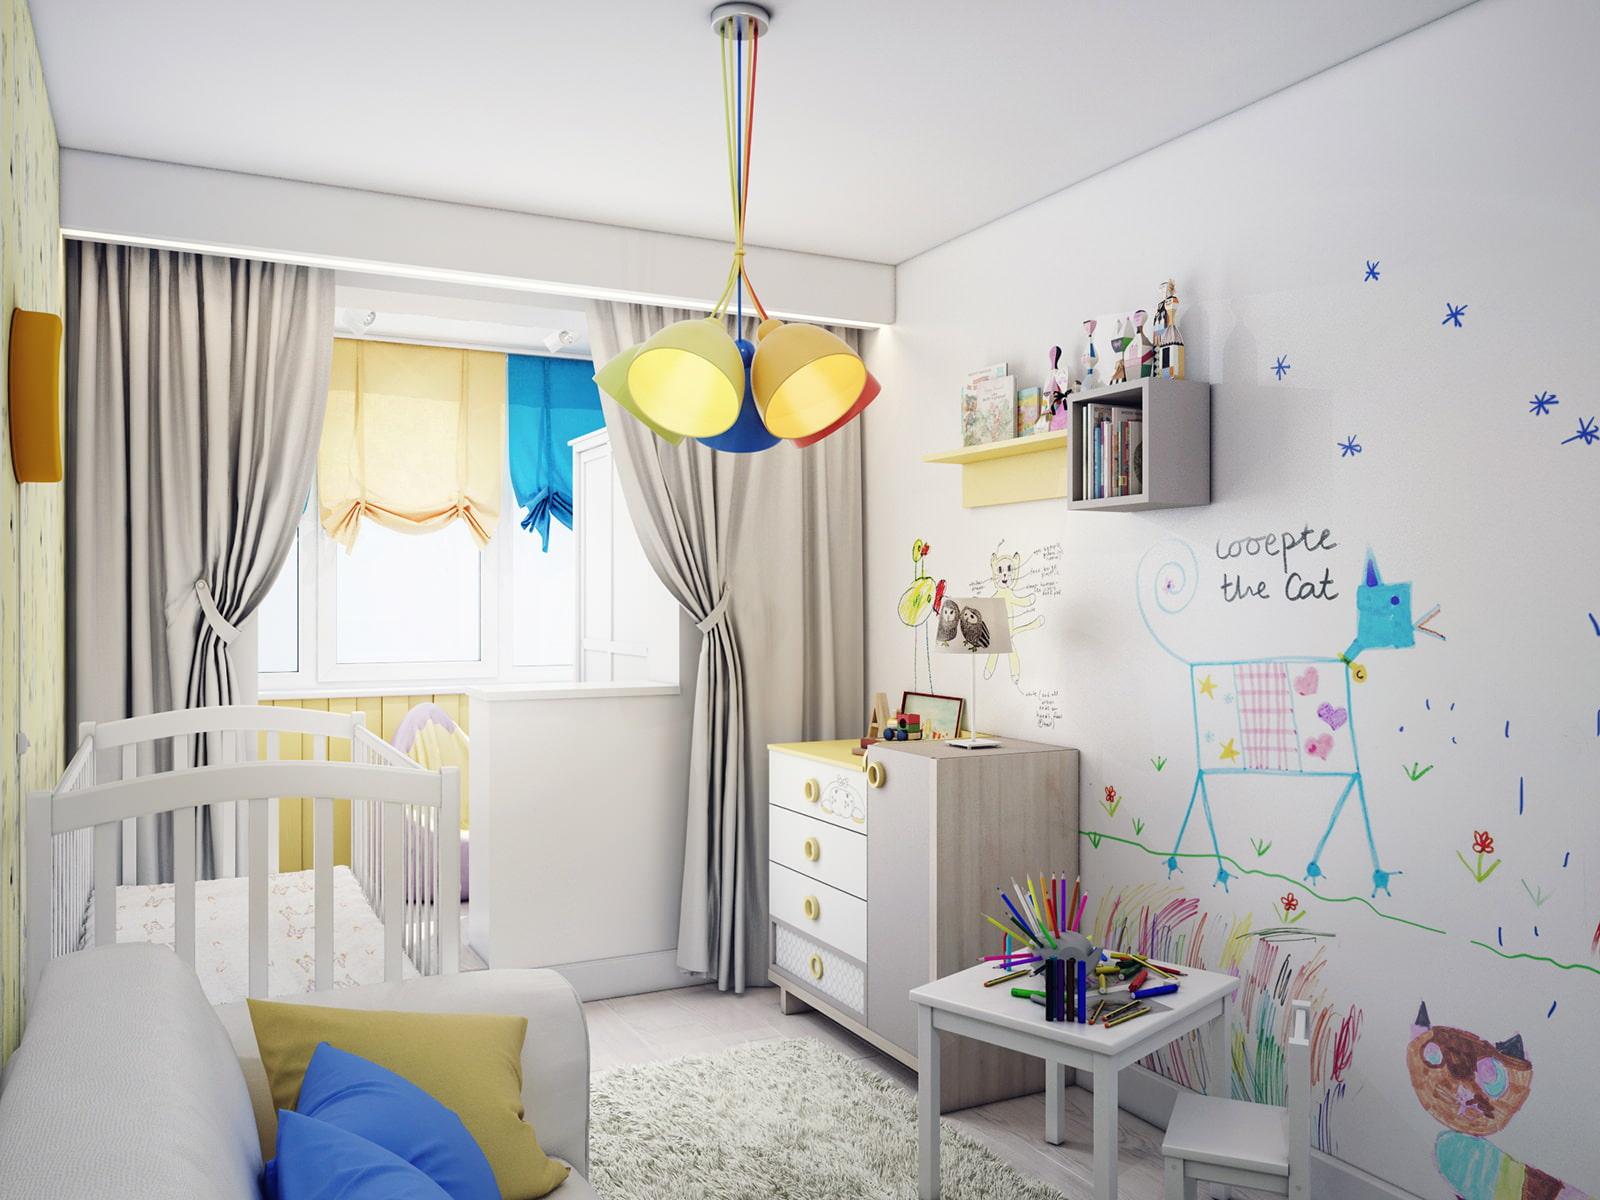 Дизайн детской комнаты: как оформить комнату малыша дизайн и.